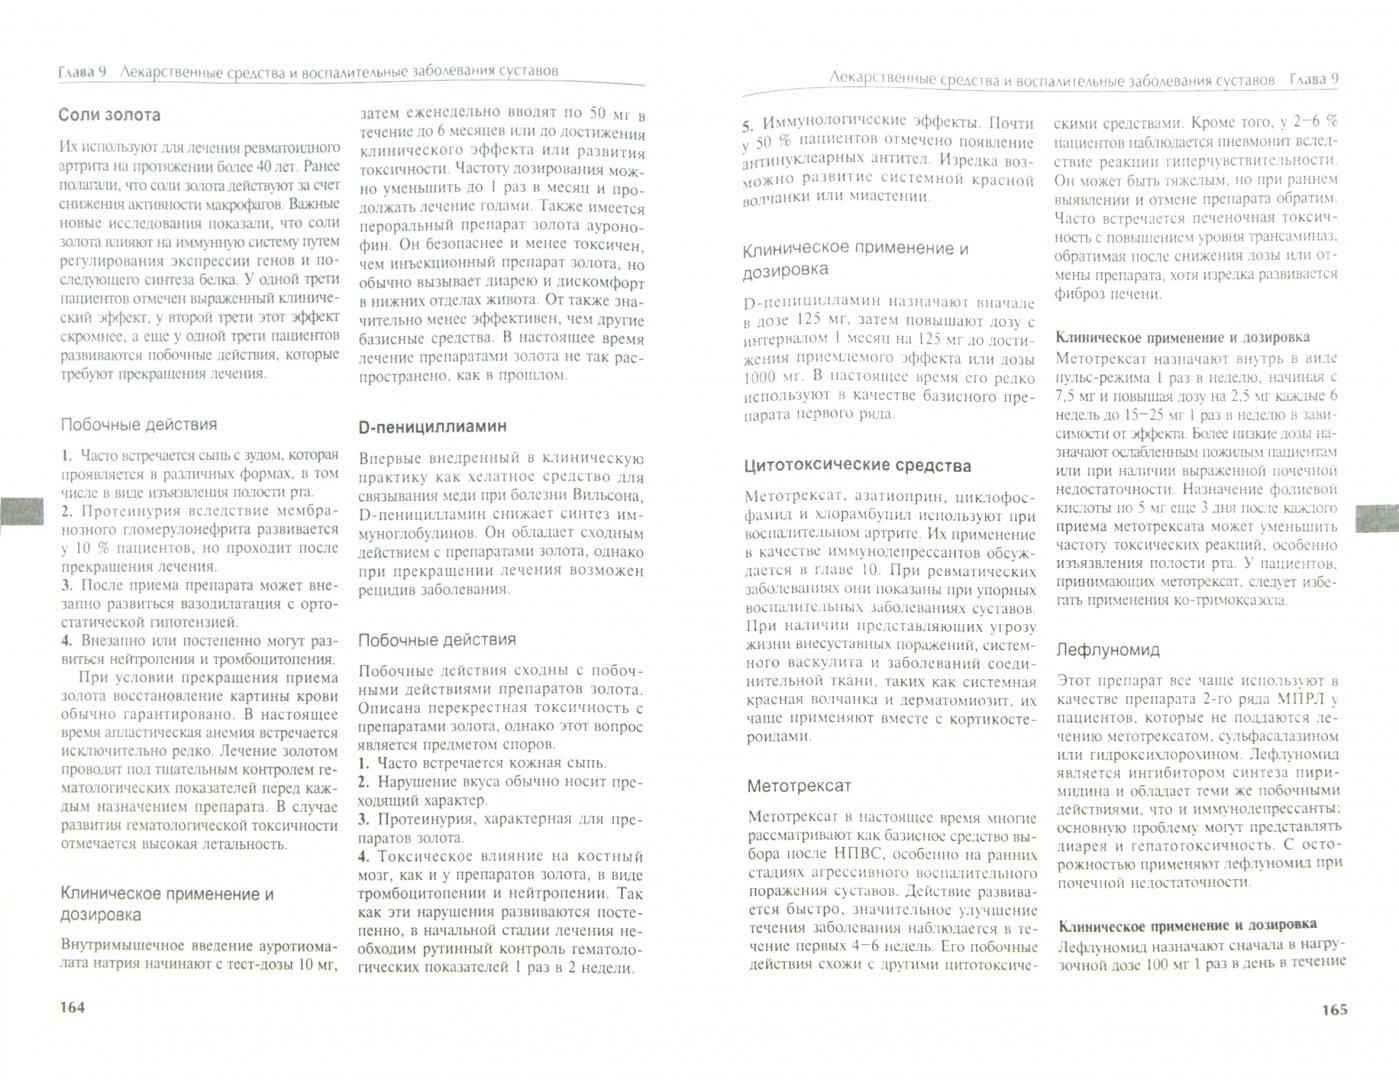 Иллюстрация 1 из 3 для Клиническая фармакология и фармакотерапия - Райд, Рубин, Уолтерс   Лабиринт - книги. Источник: Лабиринт